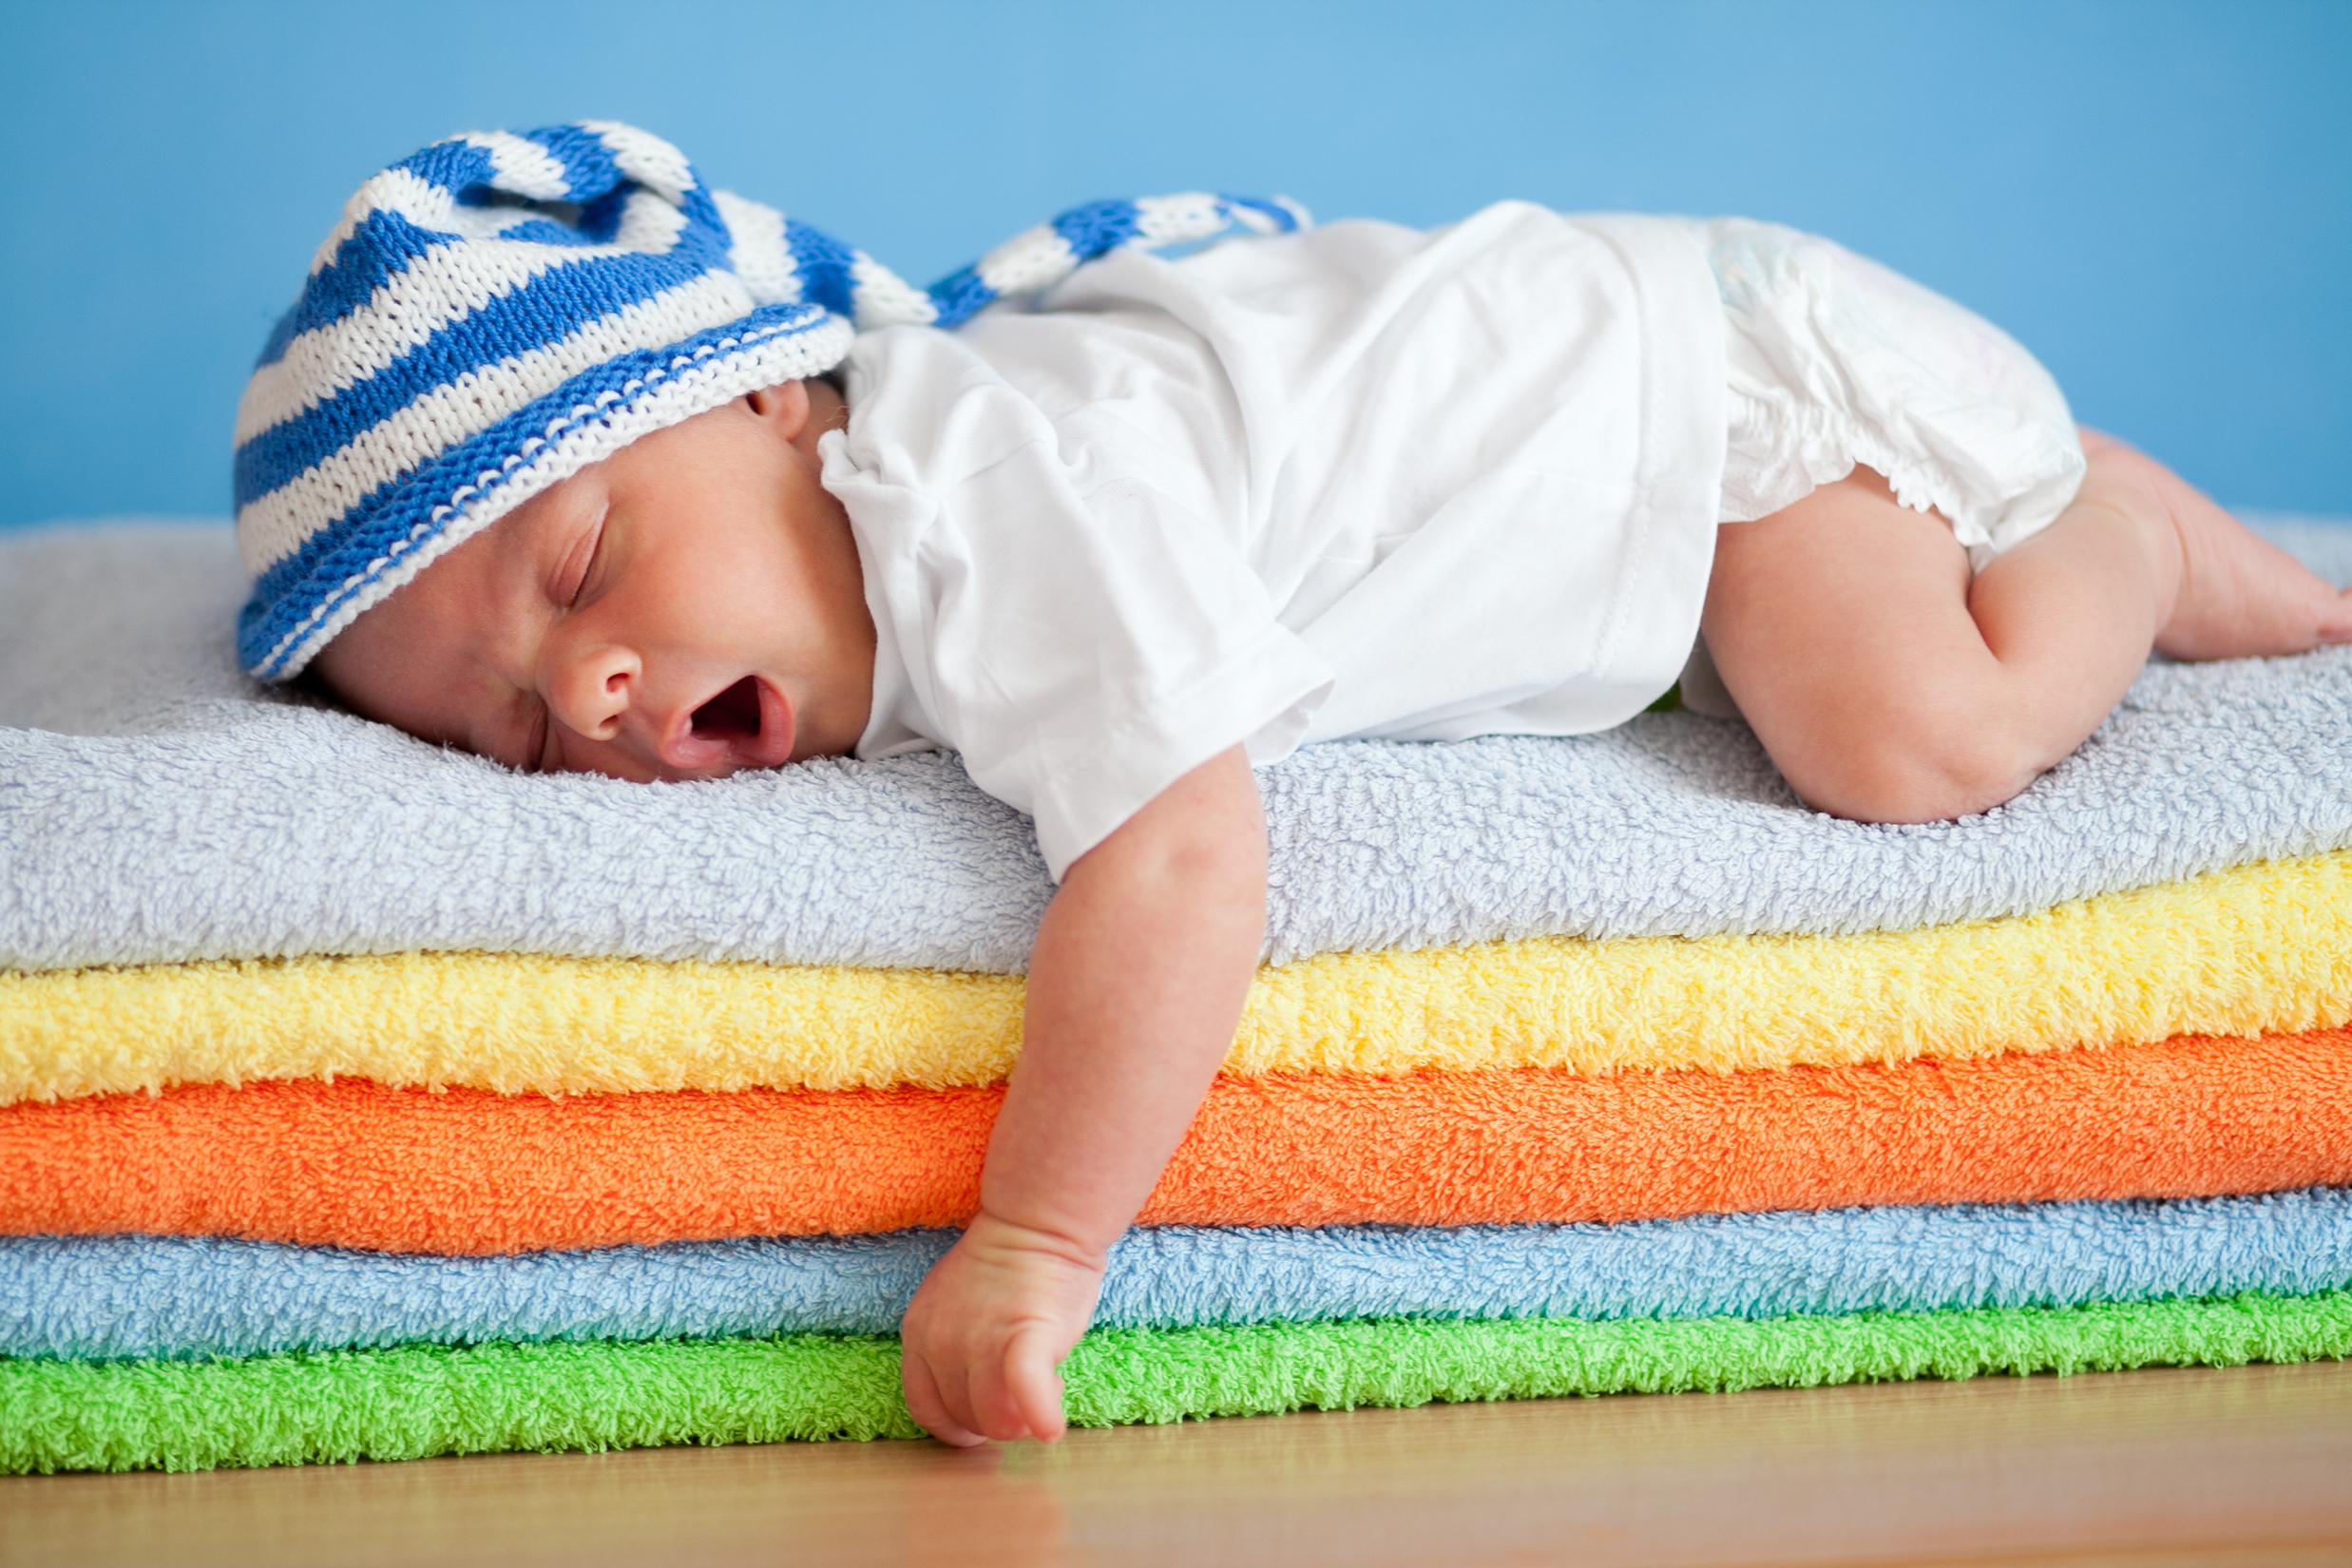 dormir comme un bébé permet de régénérer sa peau : astuce de beauté